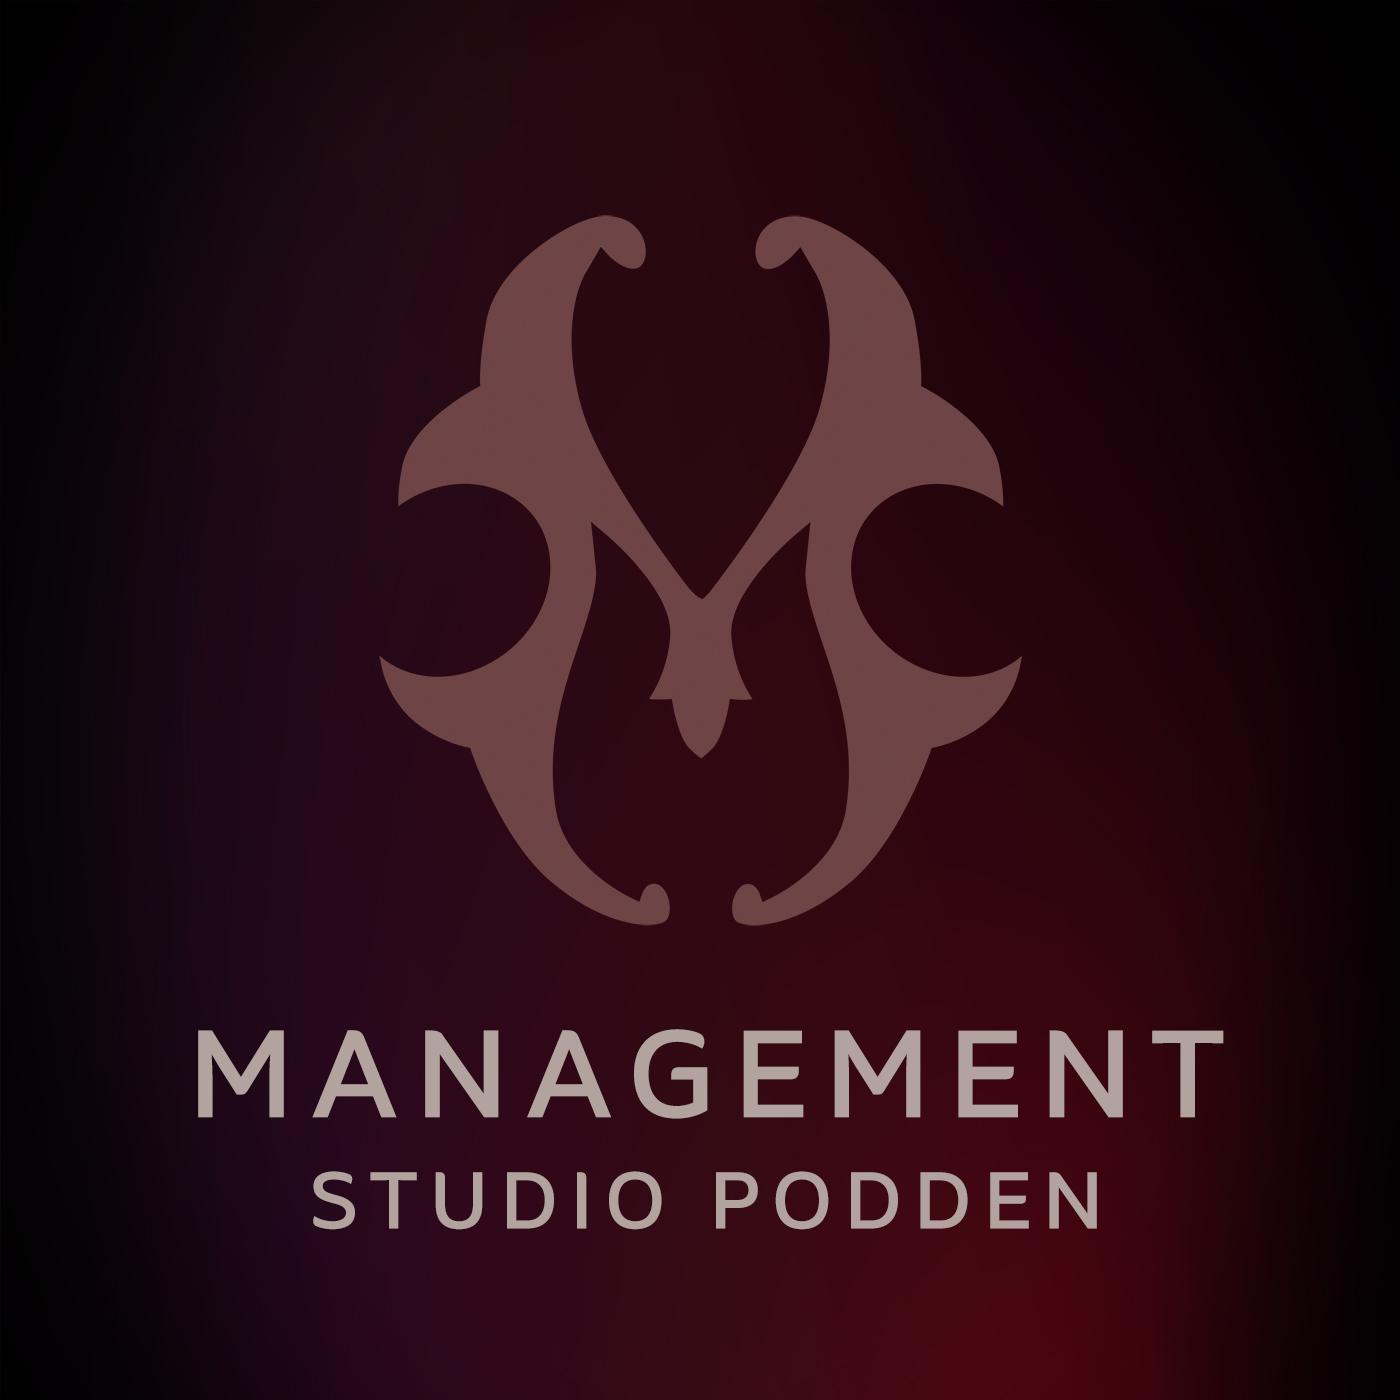 Management podden show art